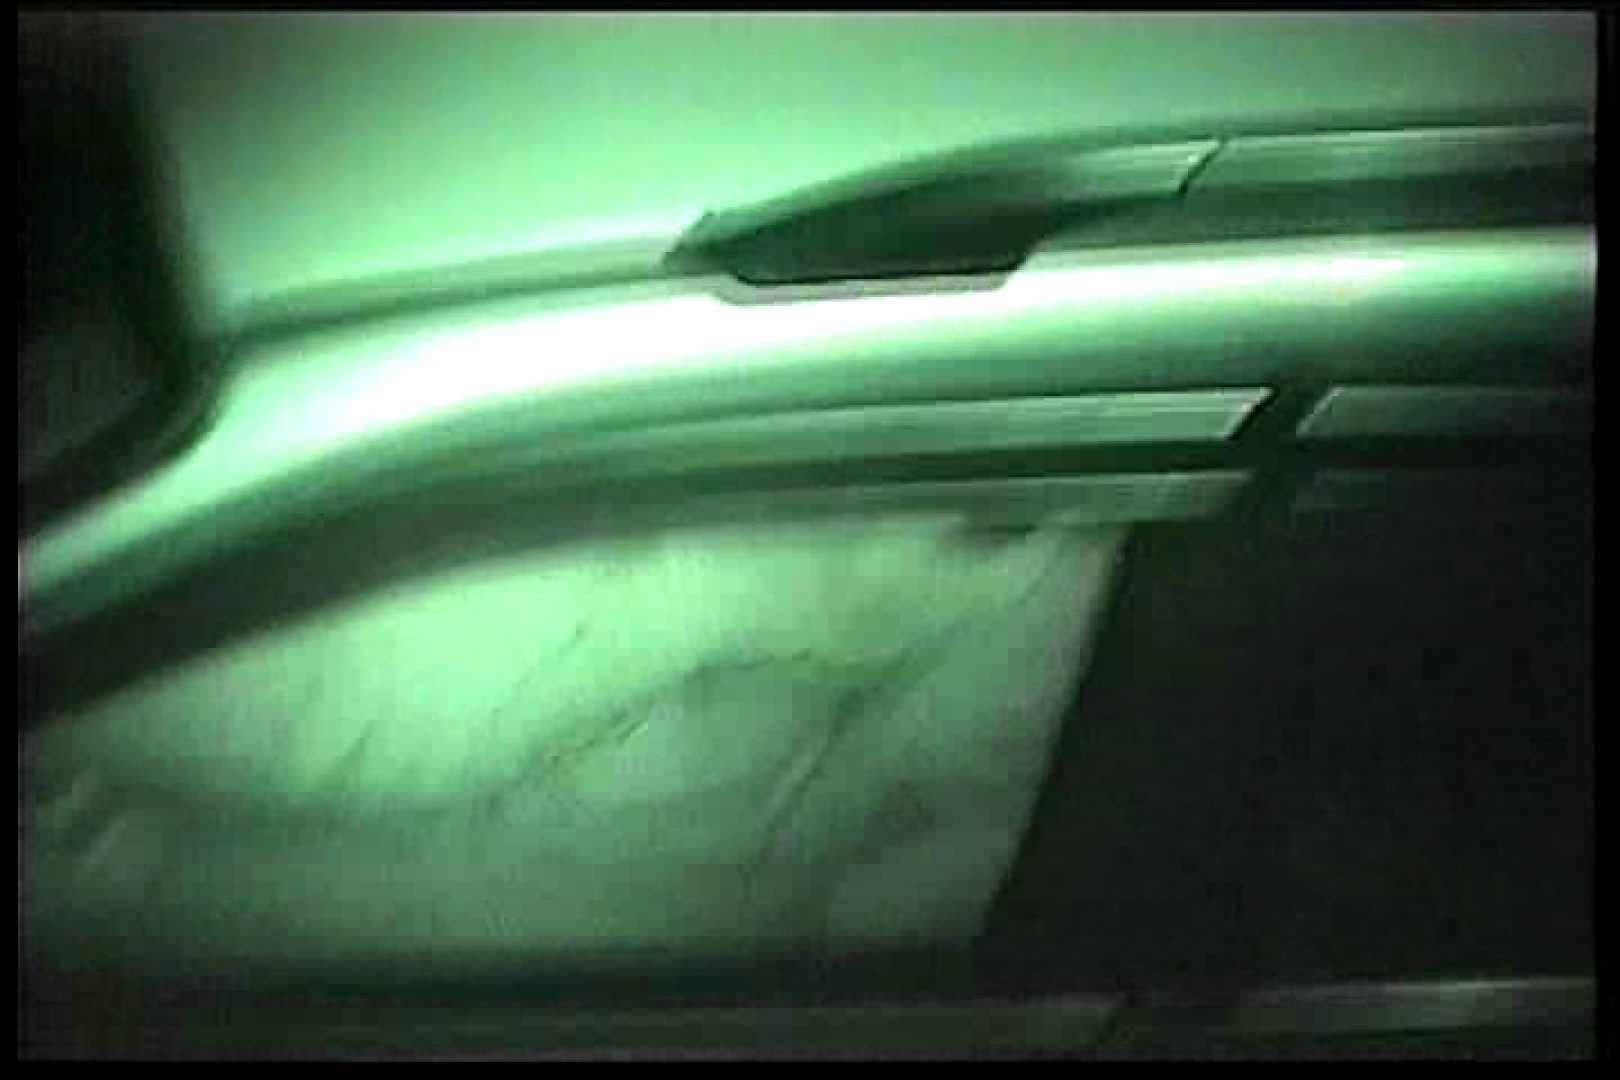 車の中はラブホテル 無修正版  Vol.11 カーセックス のぞき動画画像 86画像 53